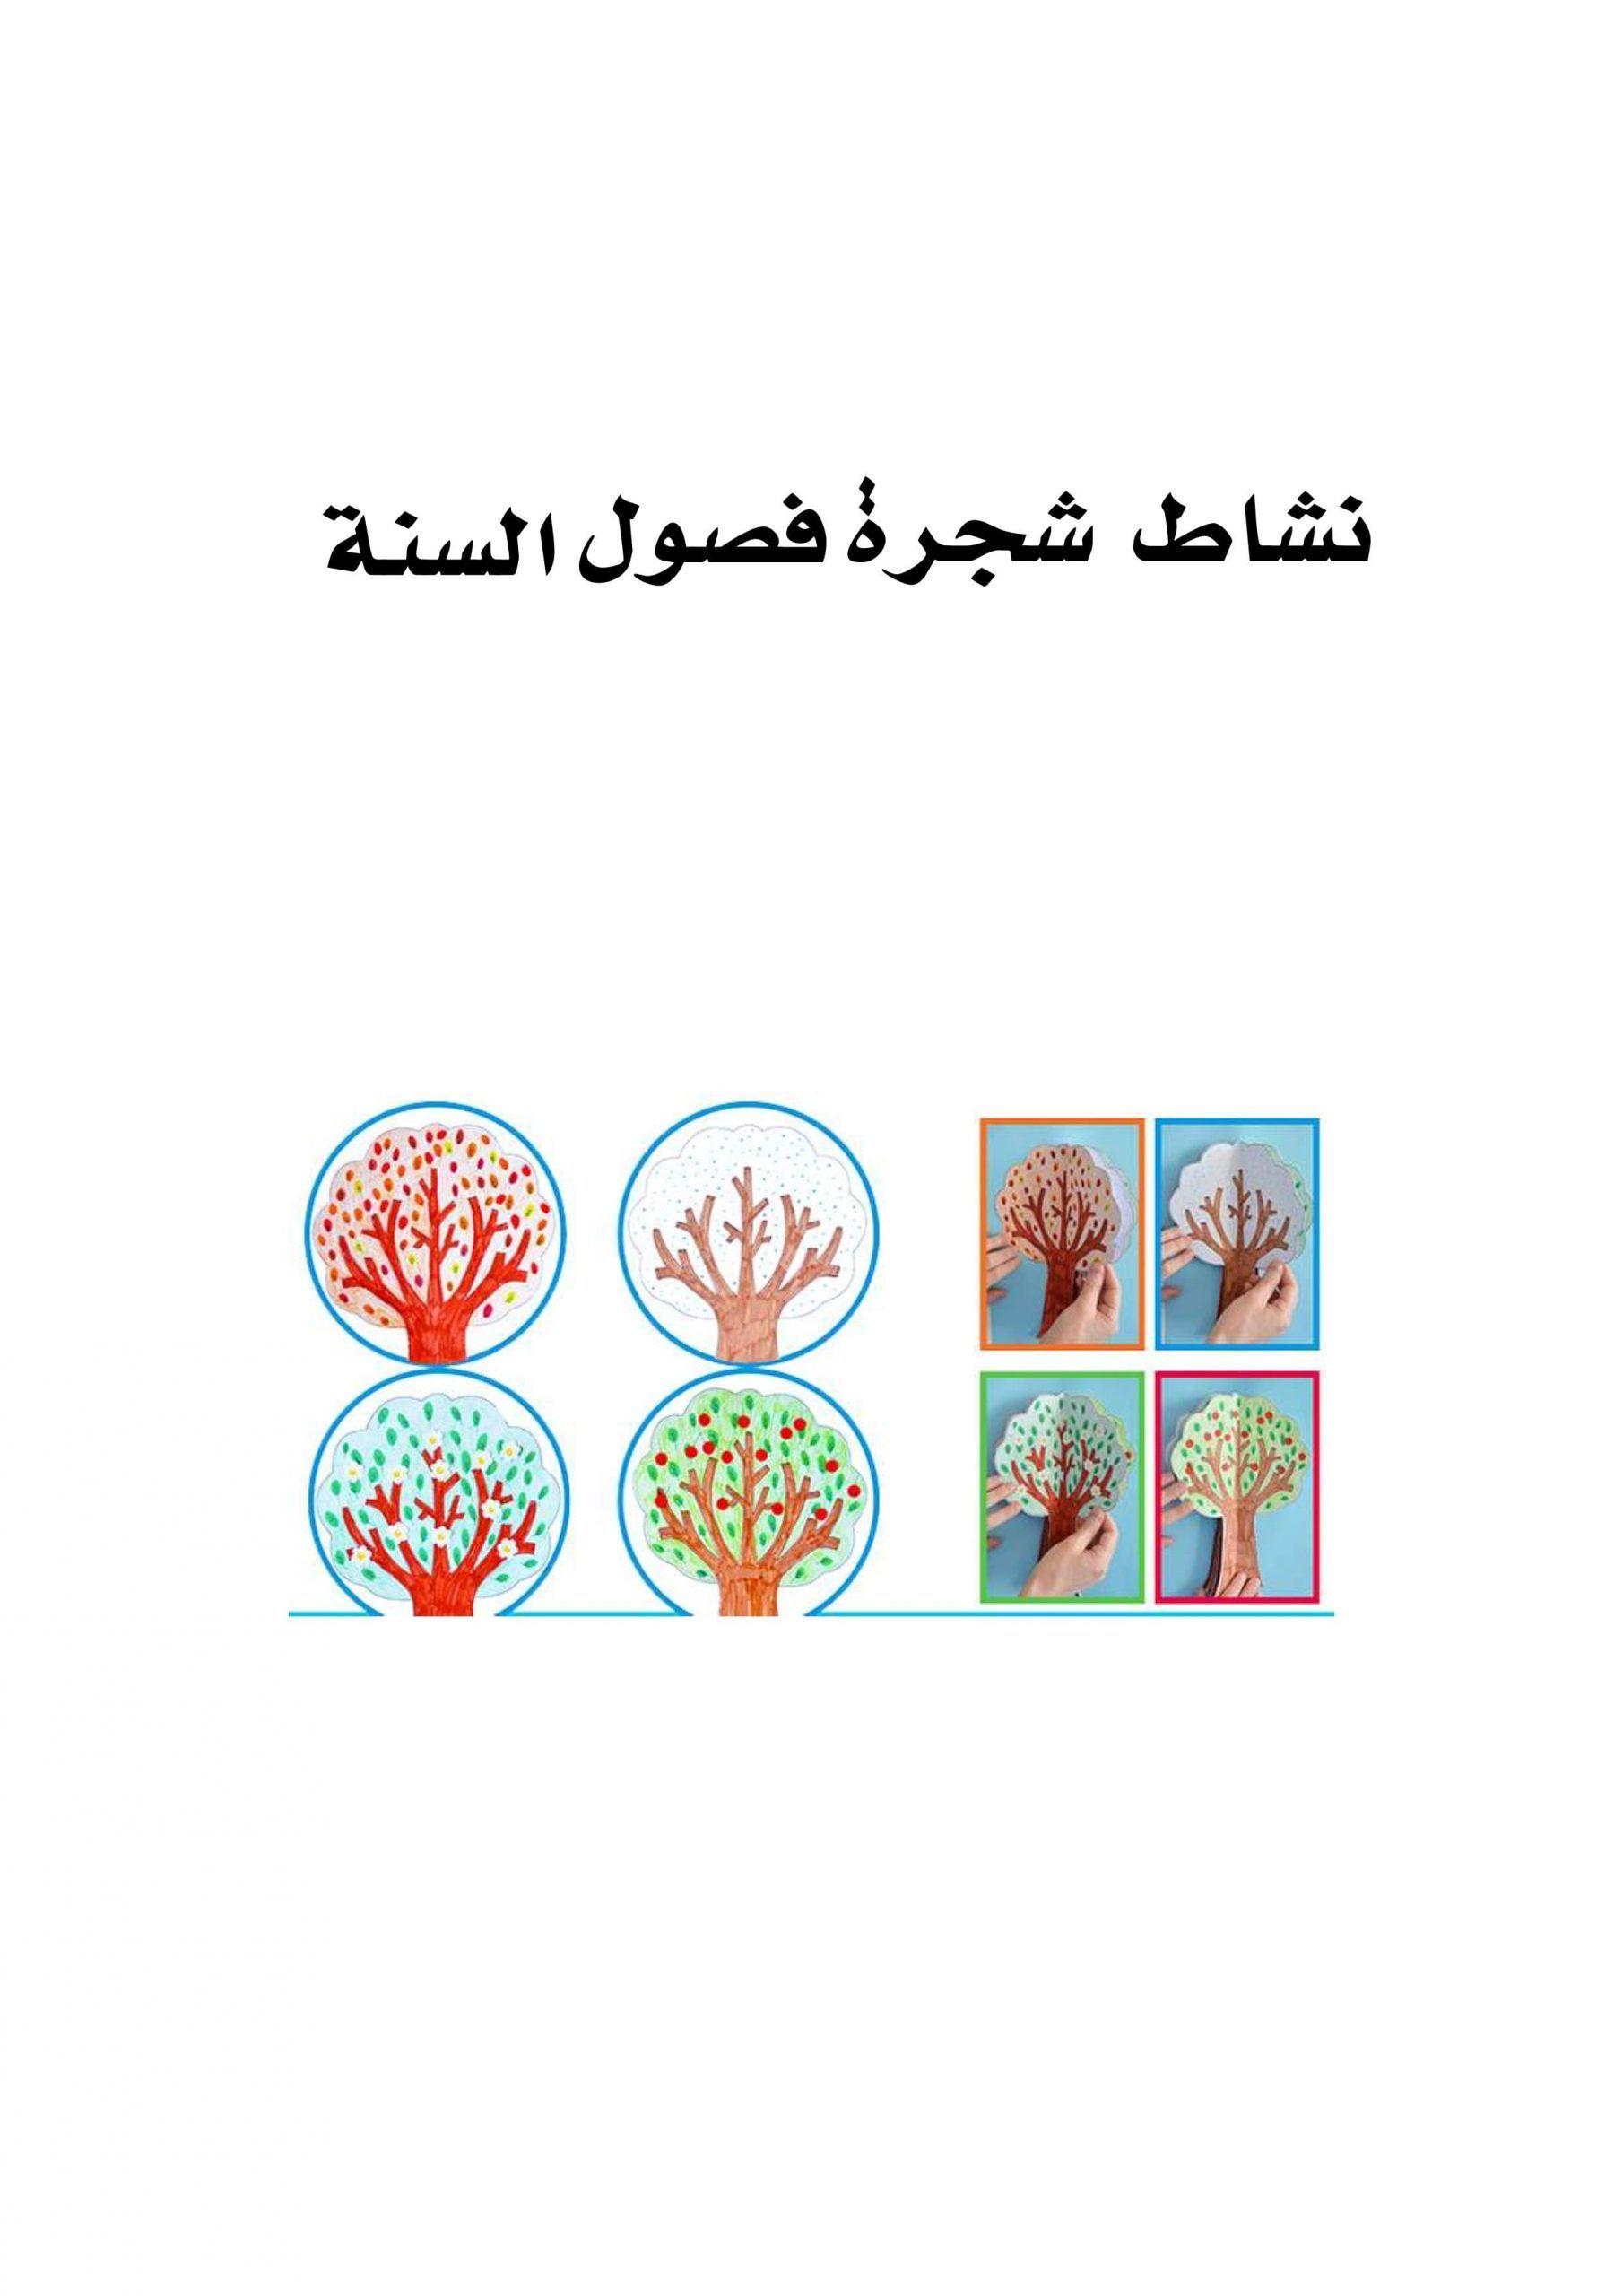 نشاط تصميم شجرة فصول السنة الاربعة ممتعة للاطفال Flash